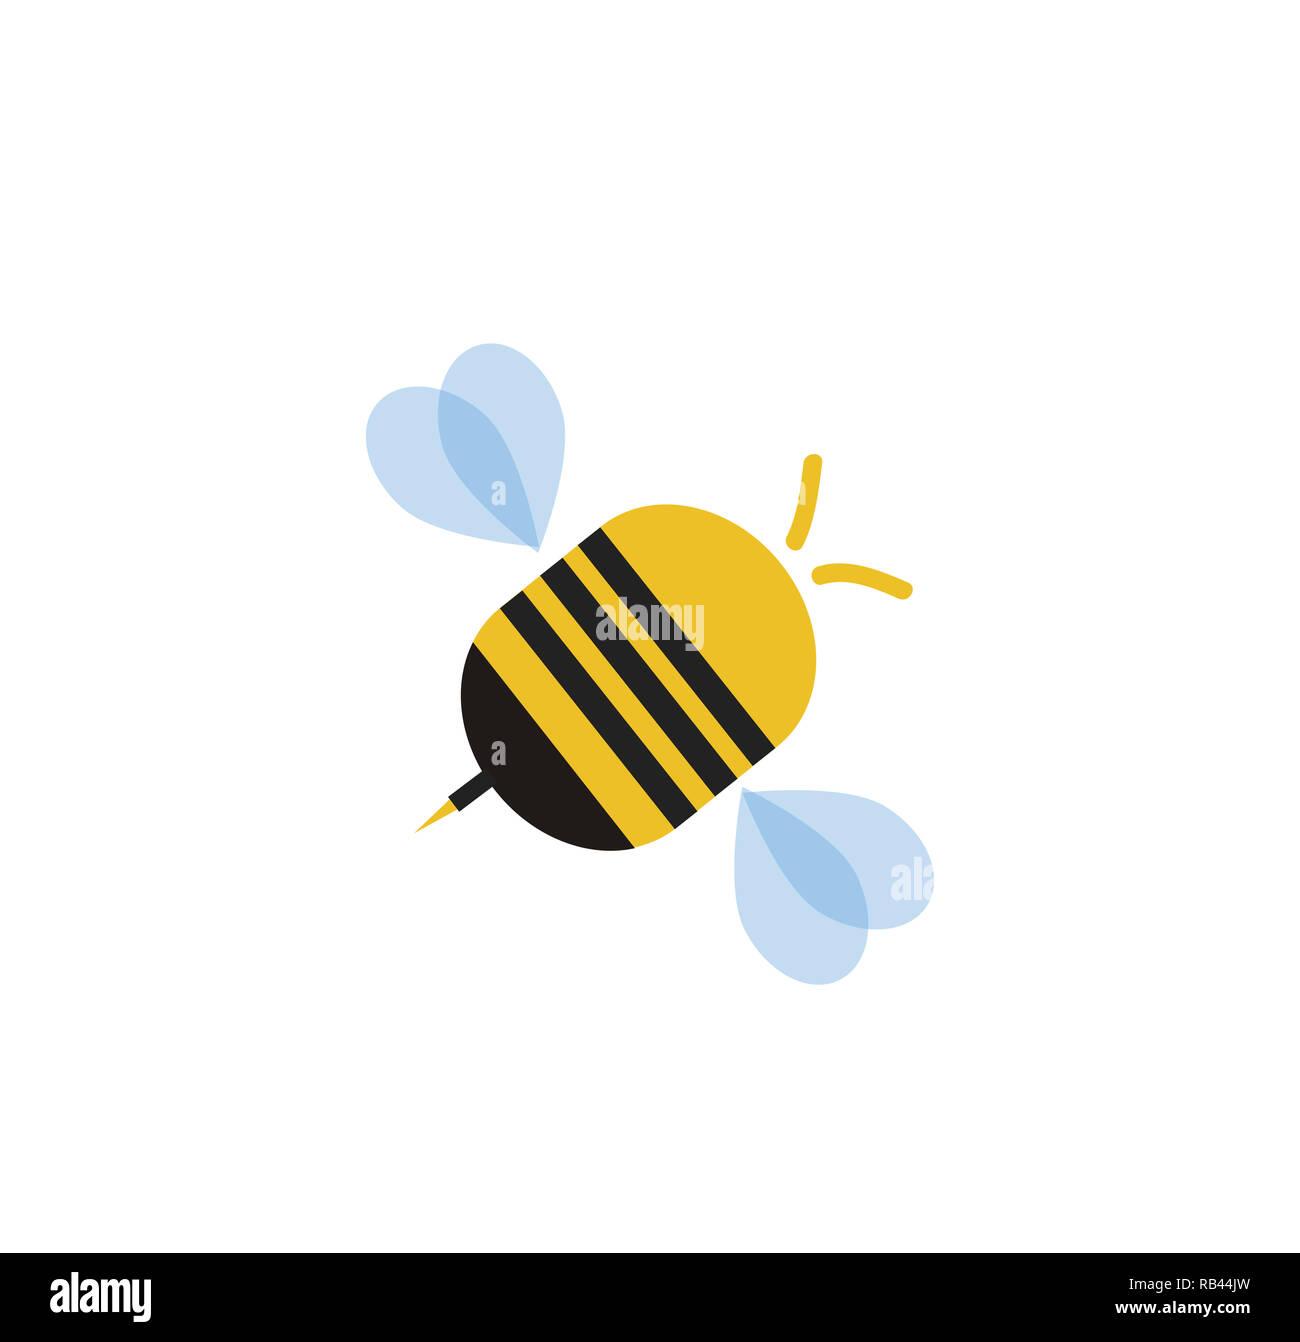 Flying cartoon bee aislado sobre fondo blanco. imagen prediseñada, logo, diseño gráfico, icono de la tarjeta de felicitación. Imagen De Stock